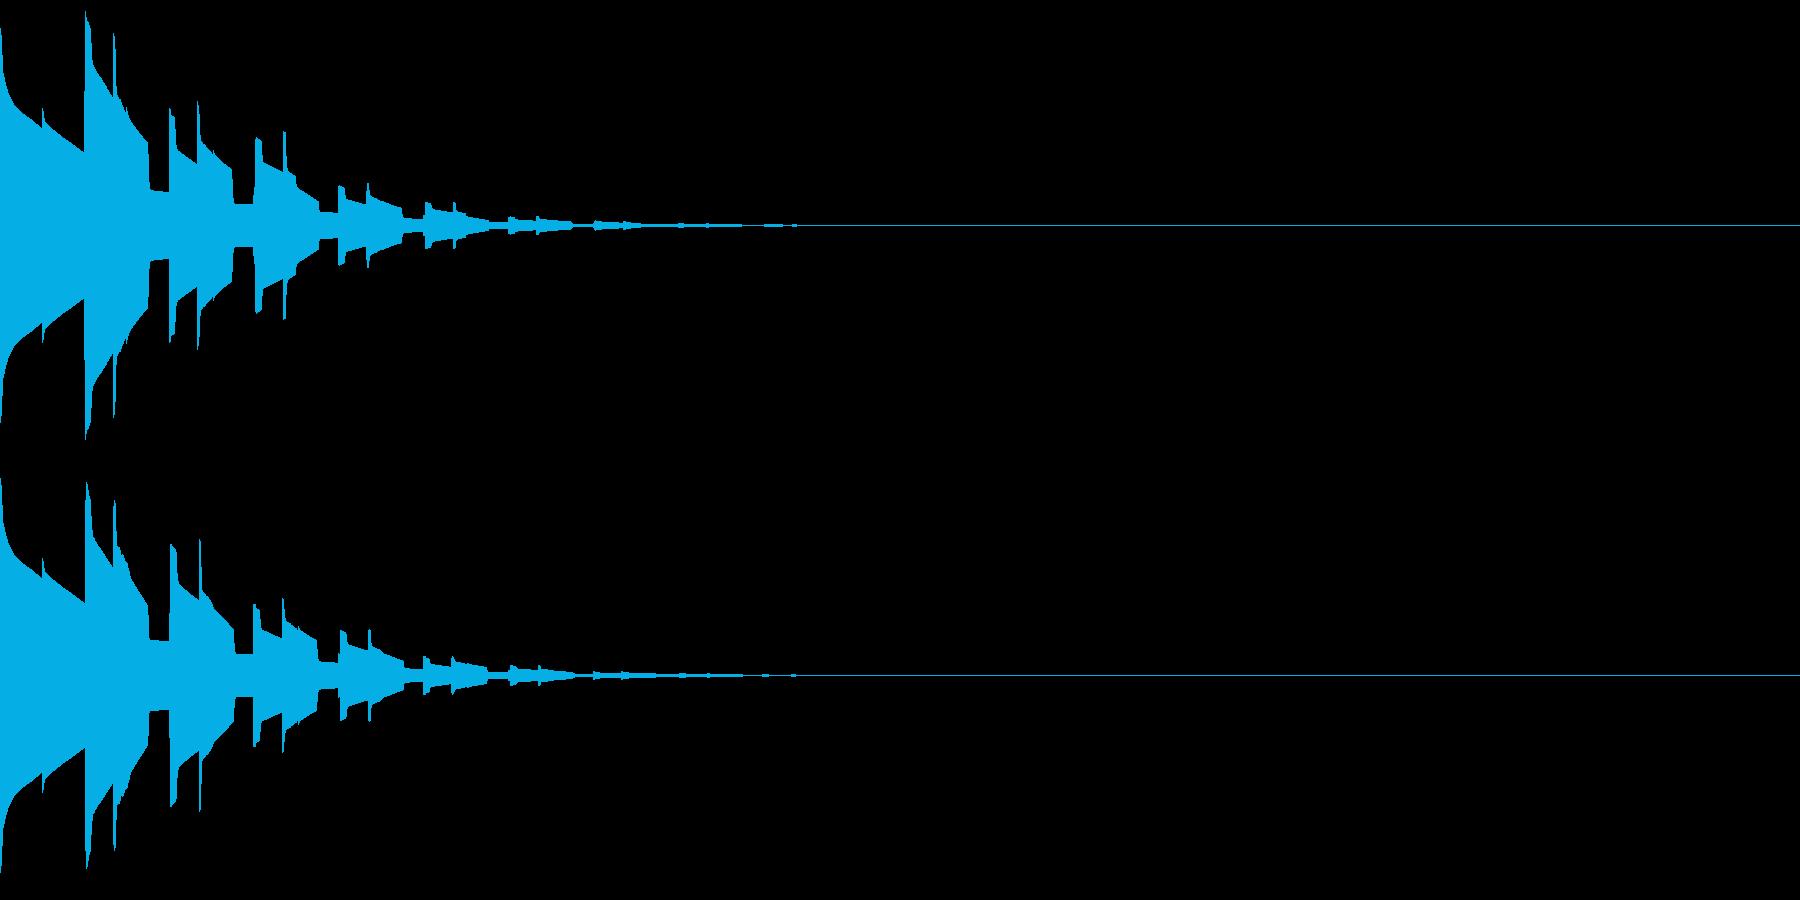 キラキラ(星、宝石、光る音)の再生済みの波形